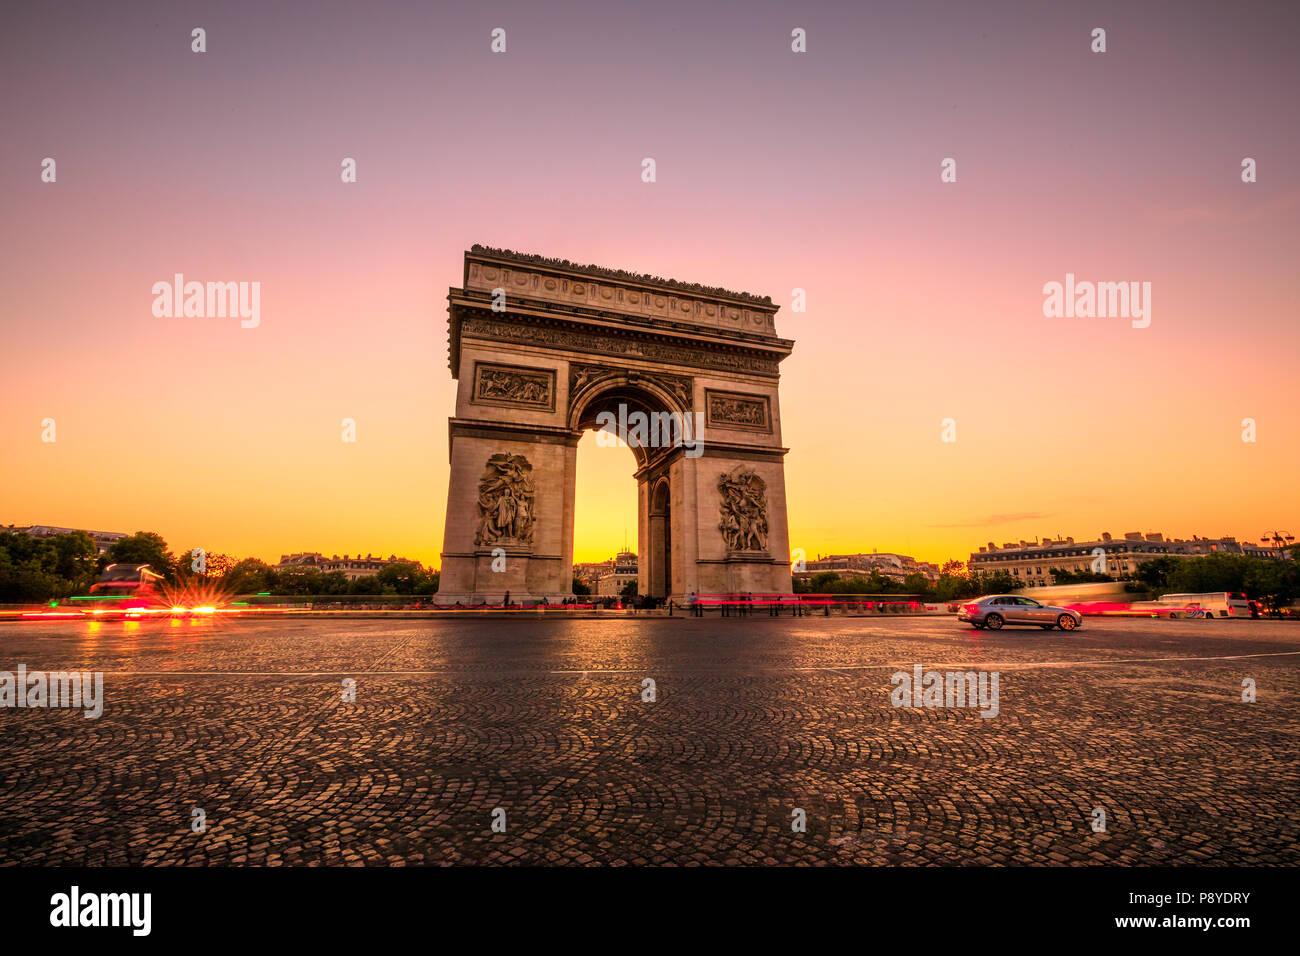 L'Arc de triomphe au crépuscule. Arc de Triomphe à la fin du Champs Elysées à la Place Charles de Gaulle avec des voitures et des pistes de lumières. Un site d'attraction touristique populaire et à Paris Capitale de la France. Photo Stock